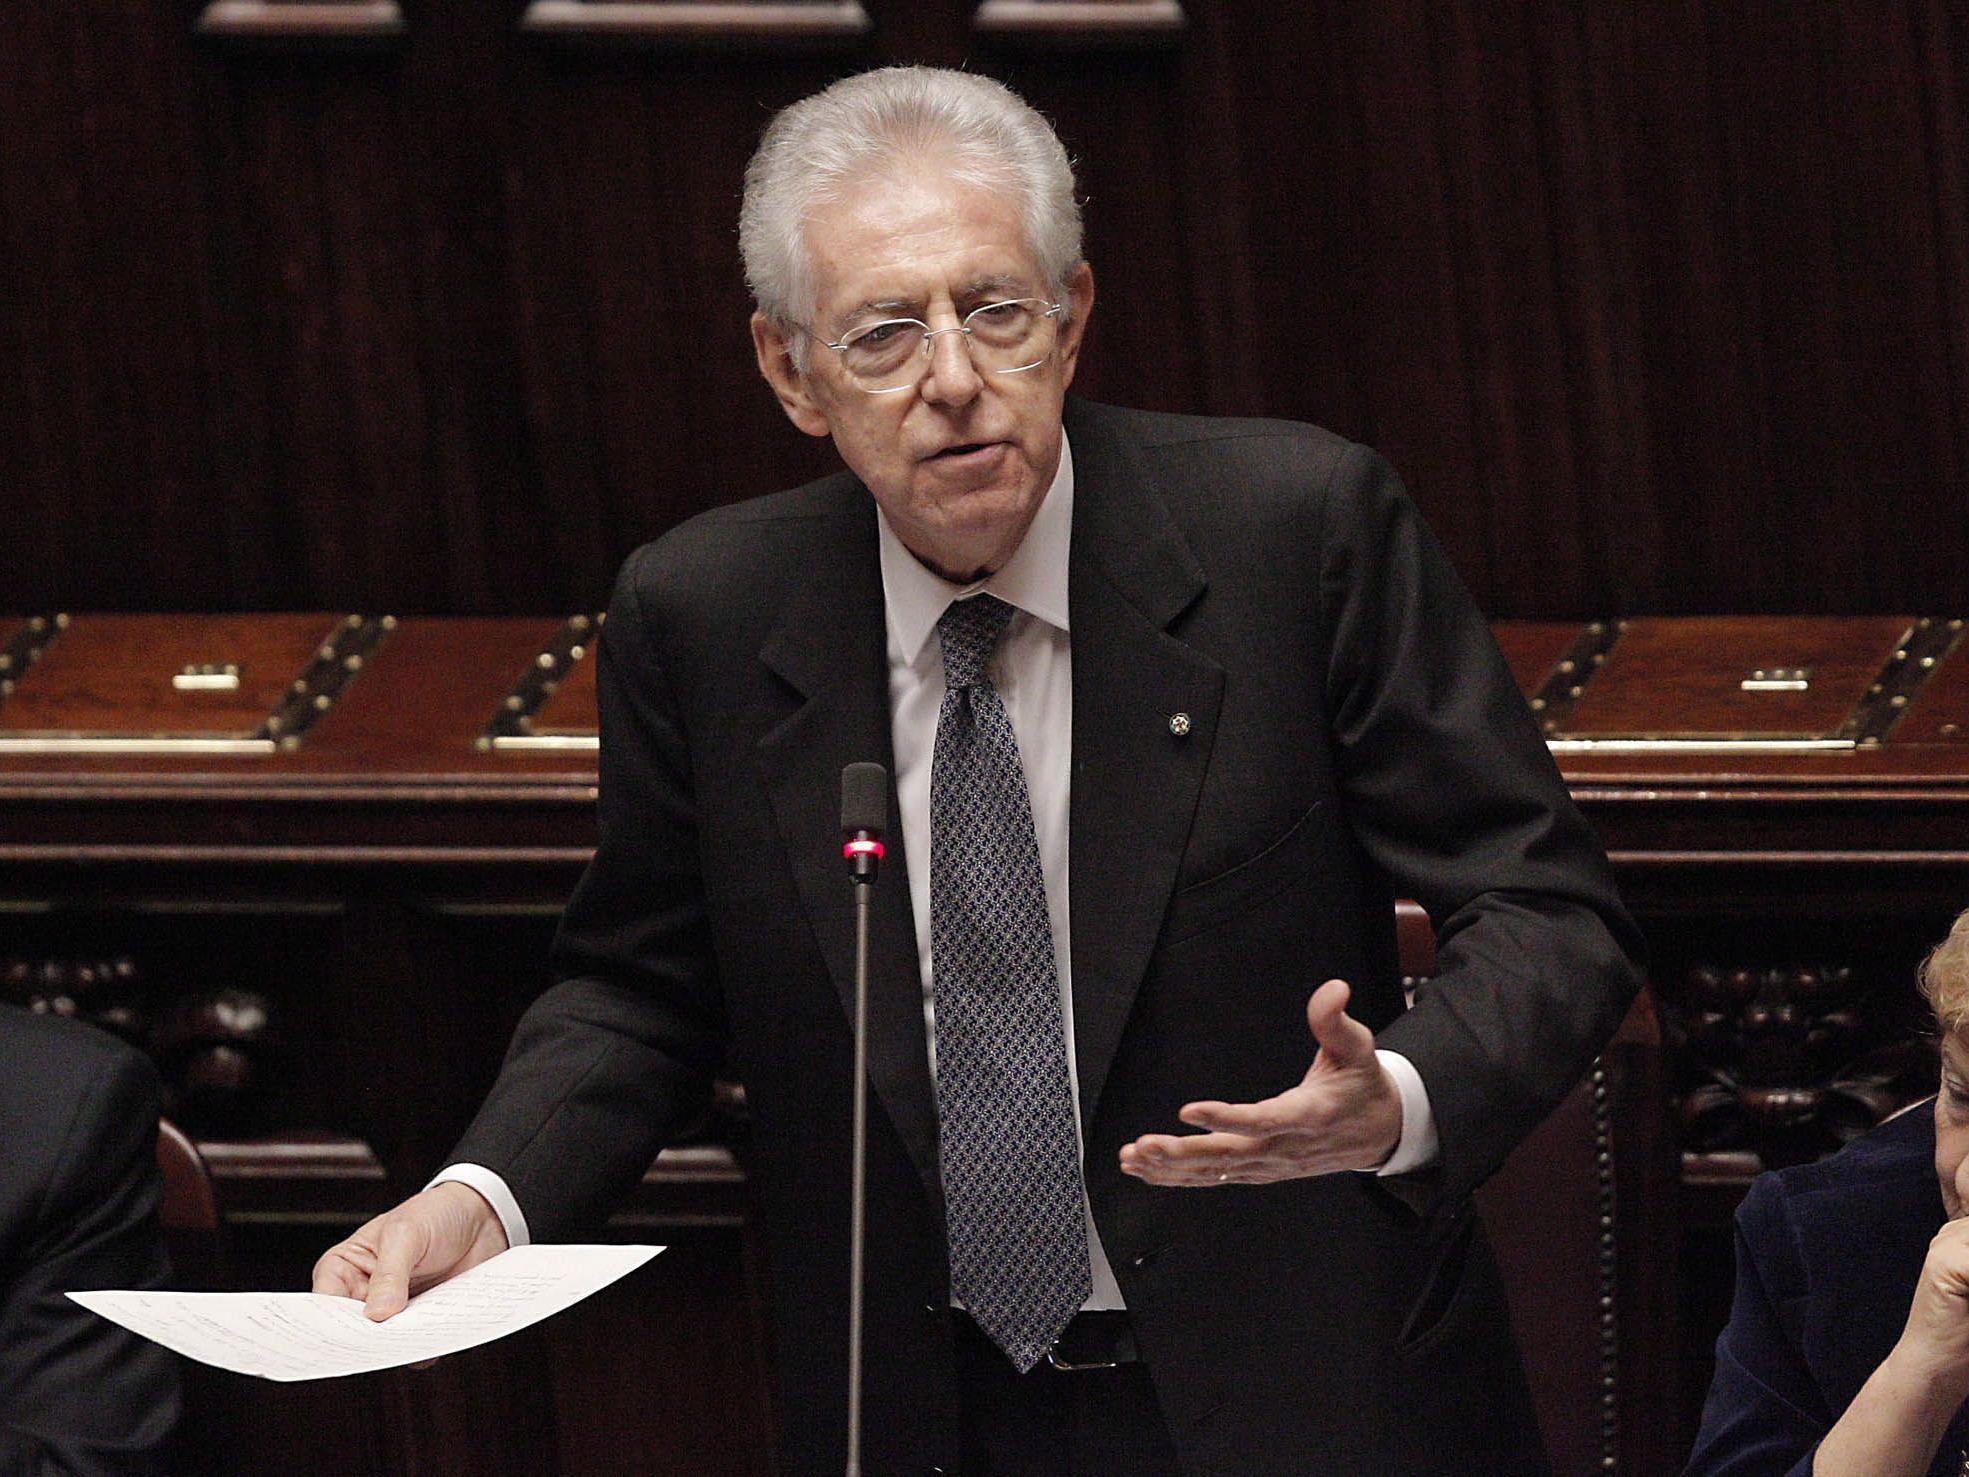 Die Regierung Monti will auch die Zahl der Abgeordneten reformieren.